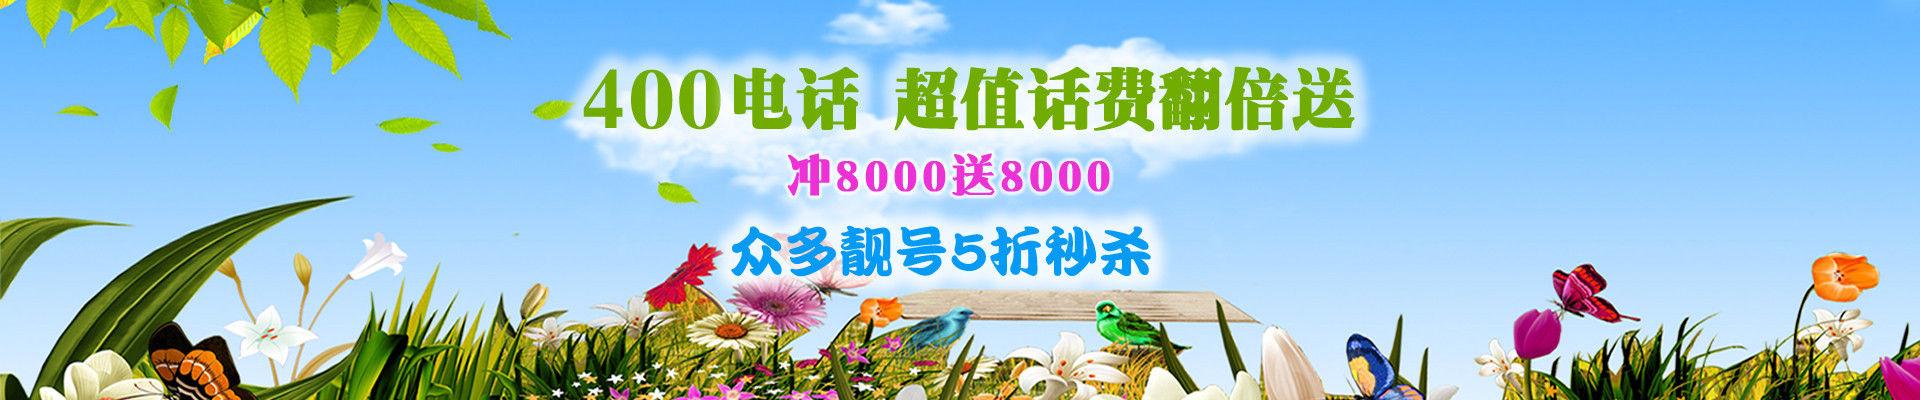 金昌400电话优惠活动